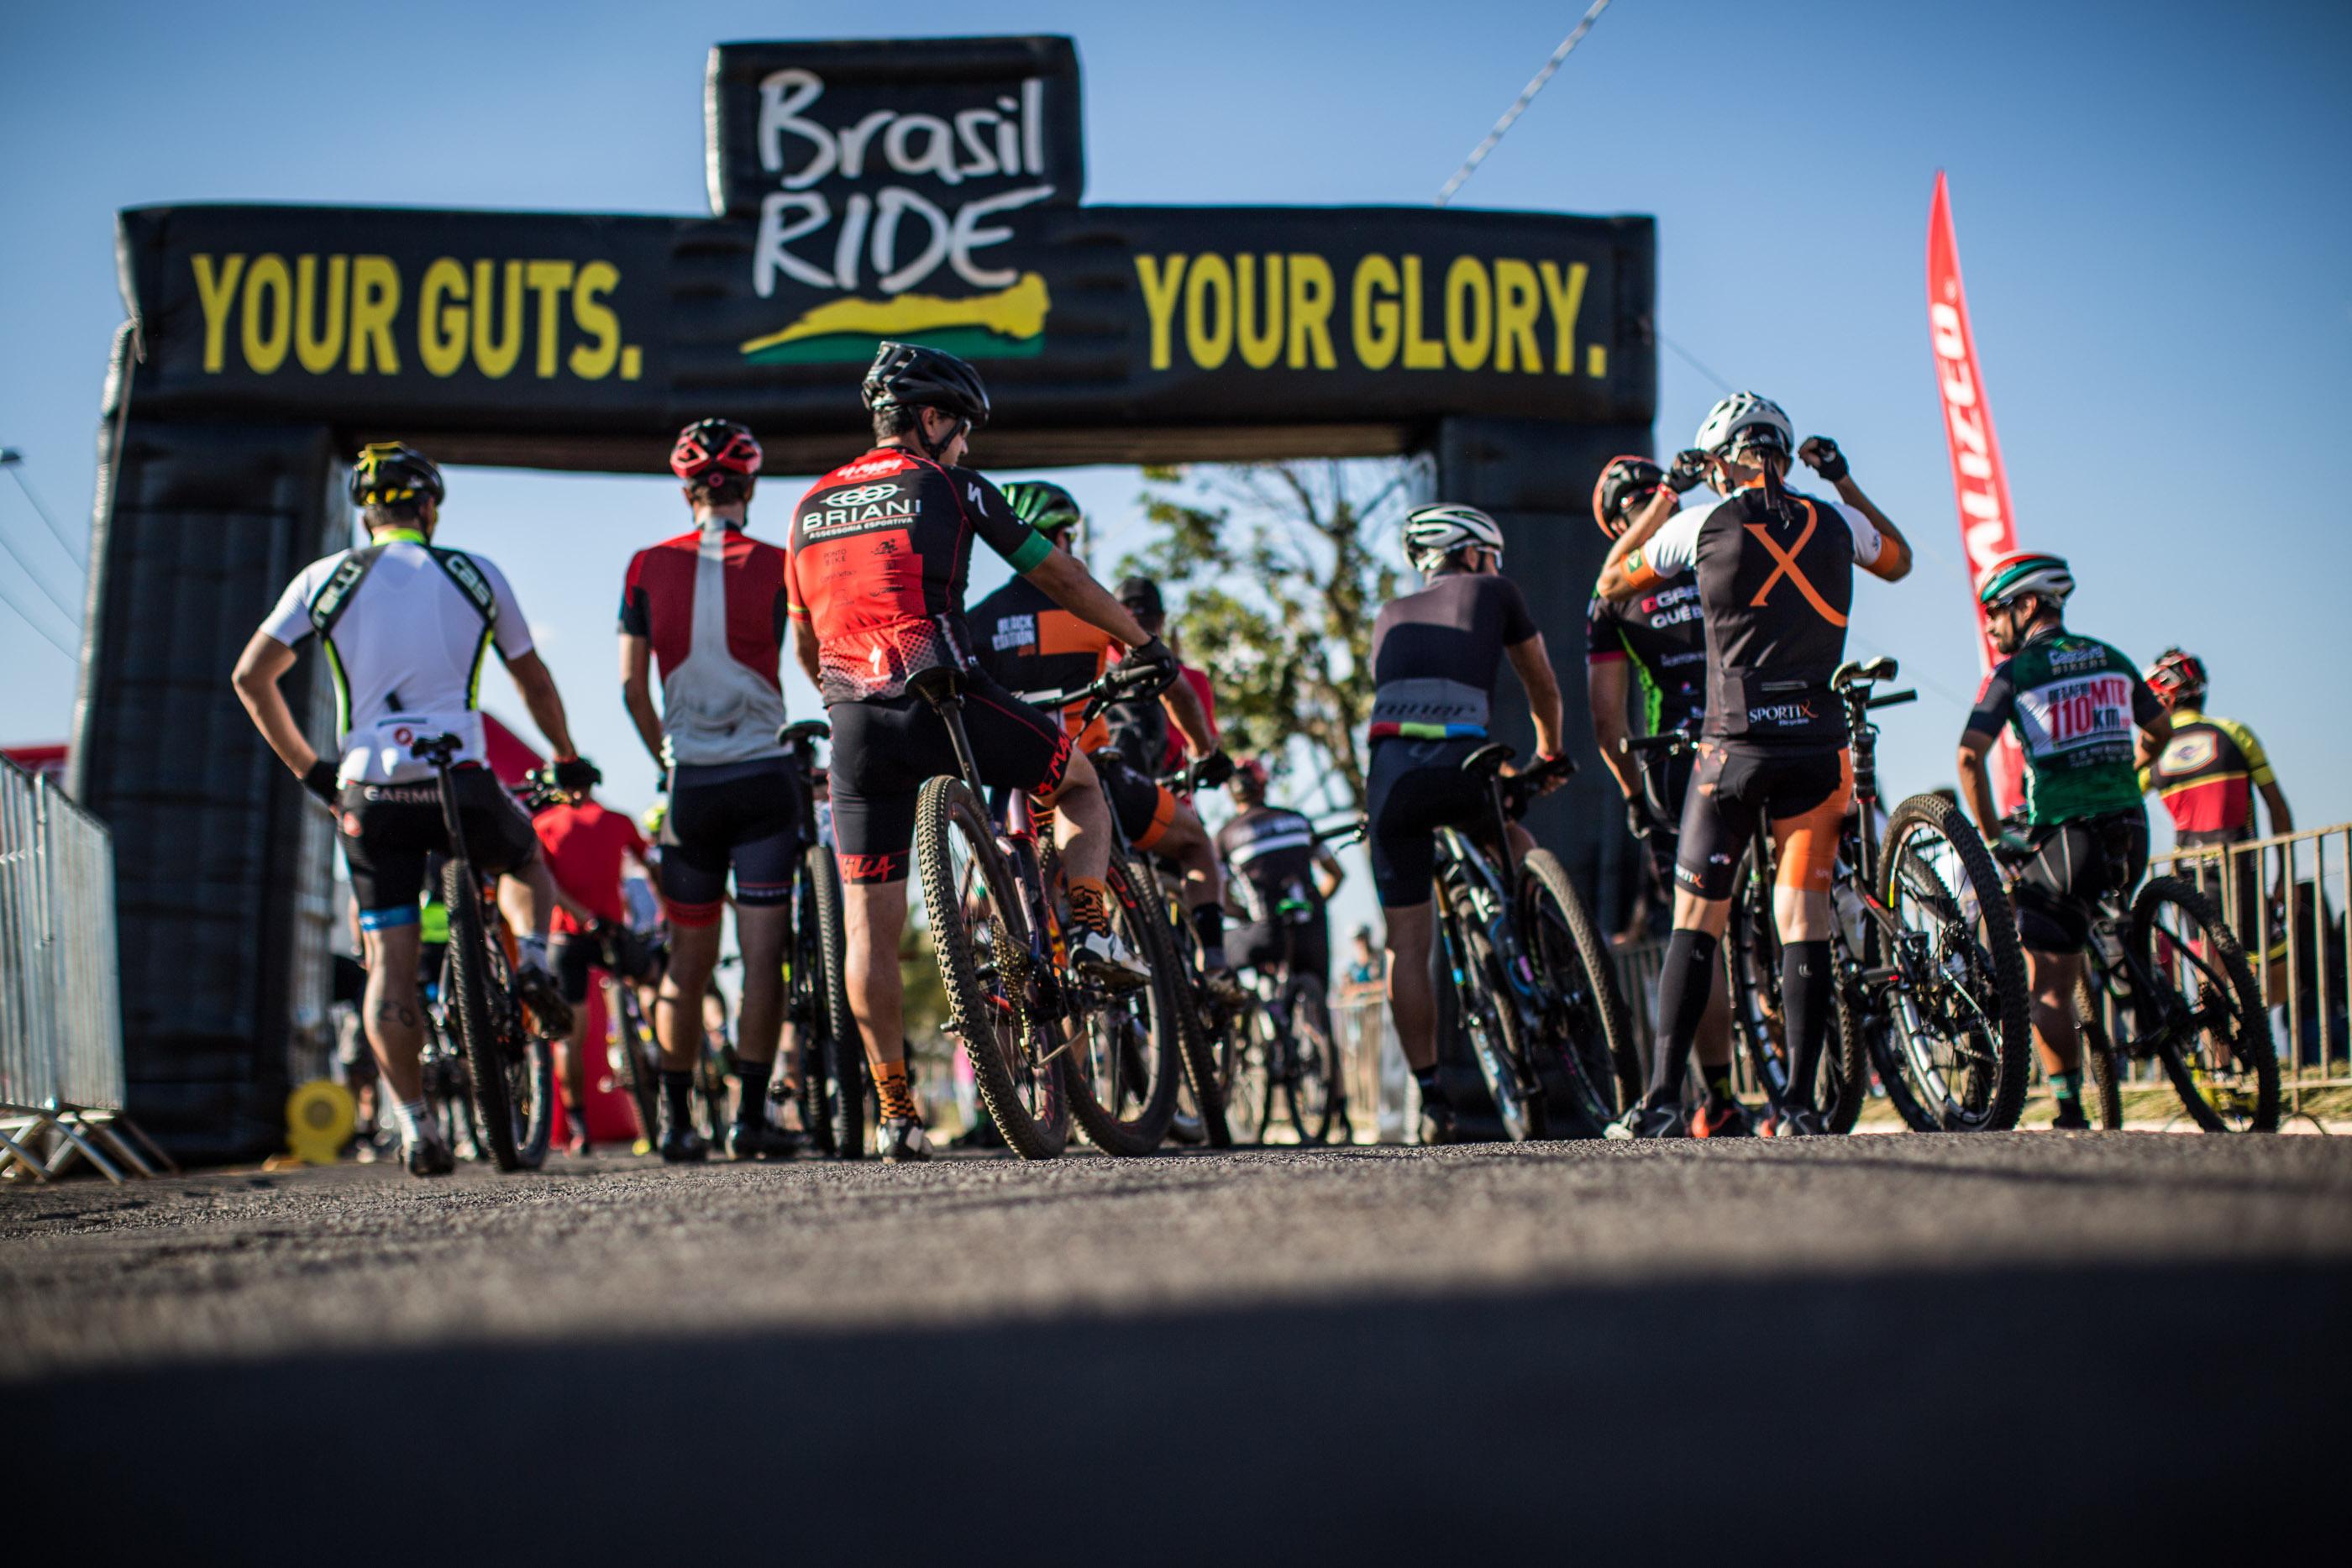 Sétima edição do Festival Brasil Ride reúne 4.000 atletas de seis países em Botucatu